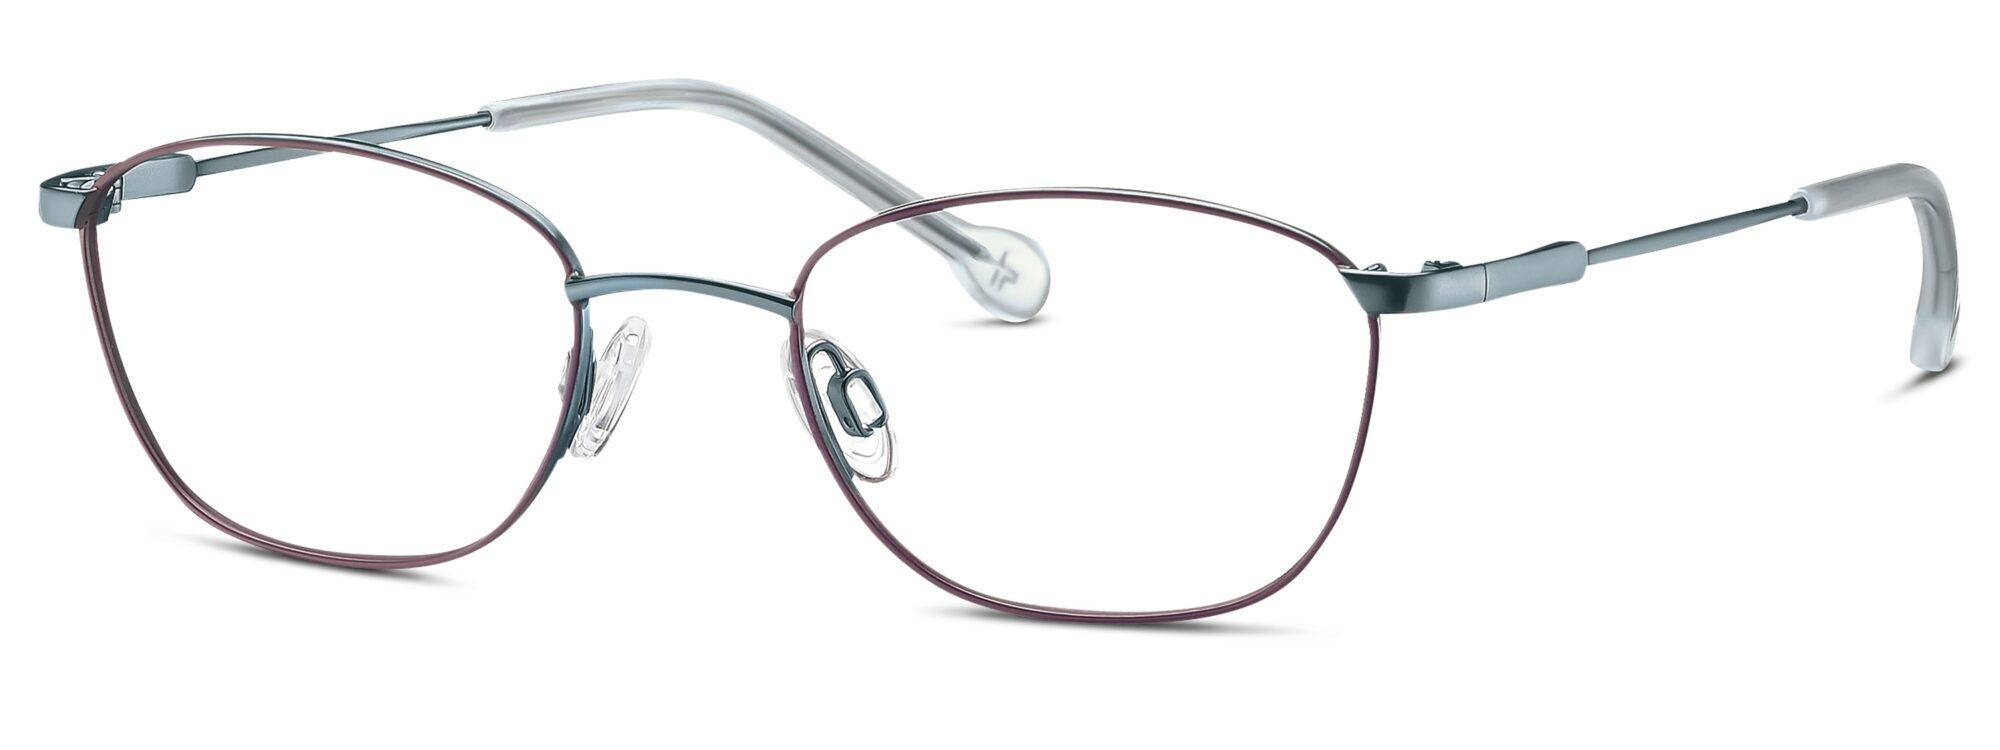 TITANFLEX - 830096-40